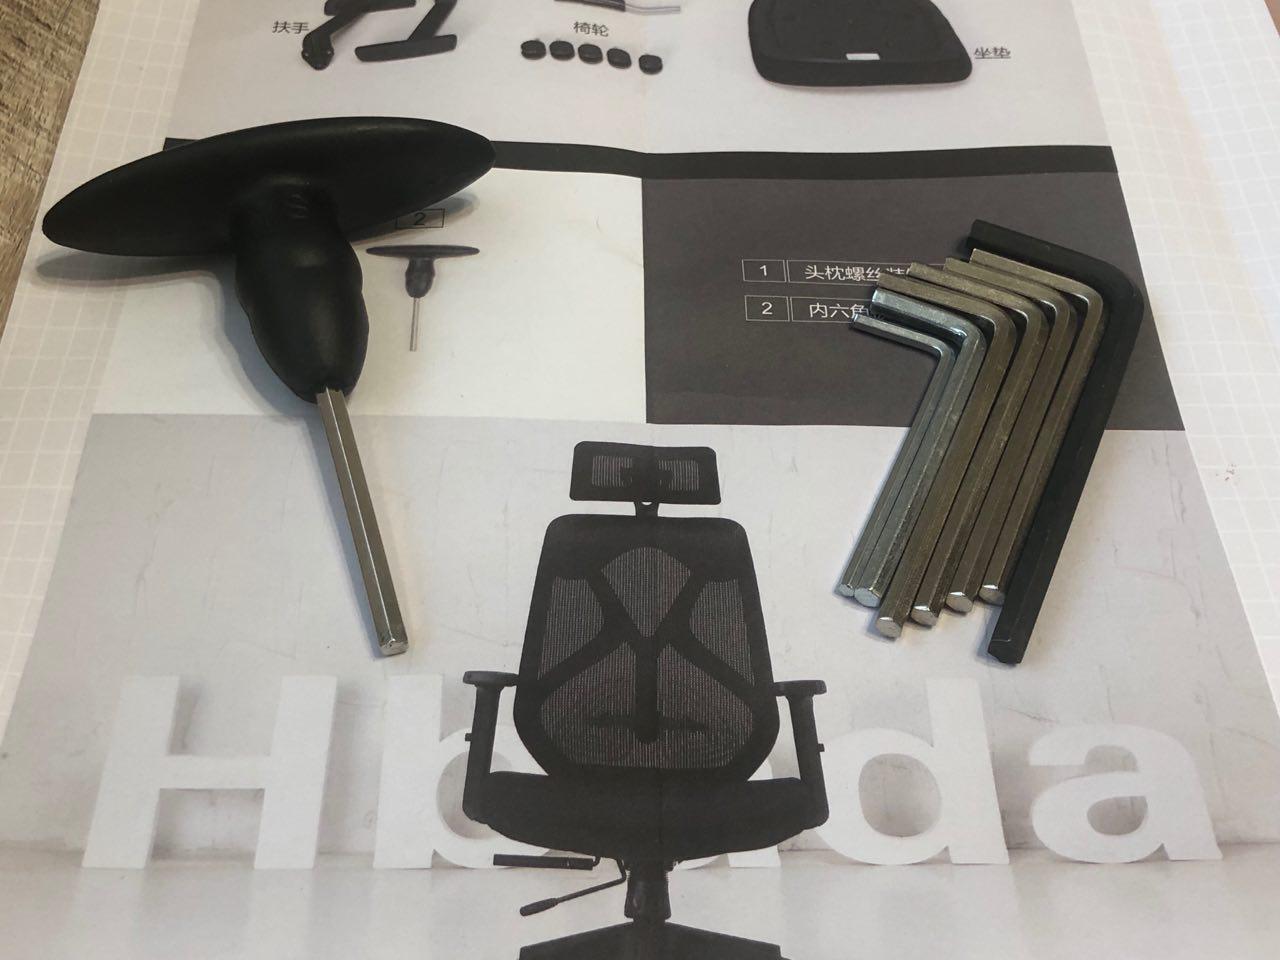 Не «Маркусом» единым: обзор компьютерного кресла Hbada 140WM - 4